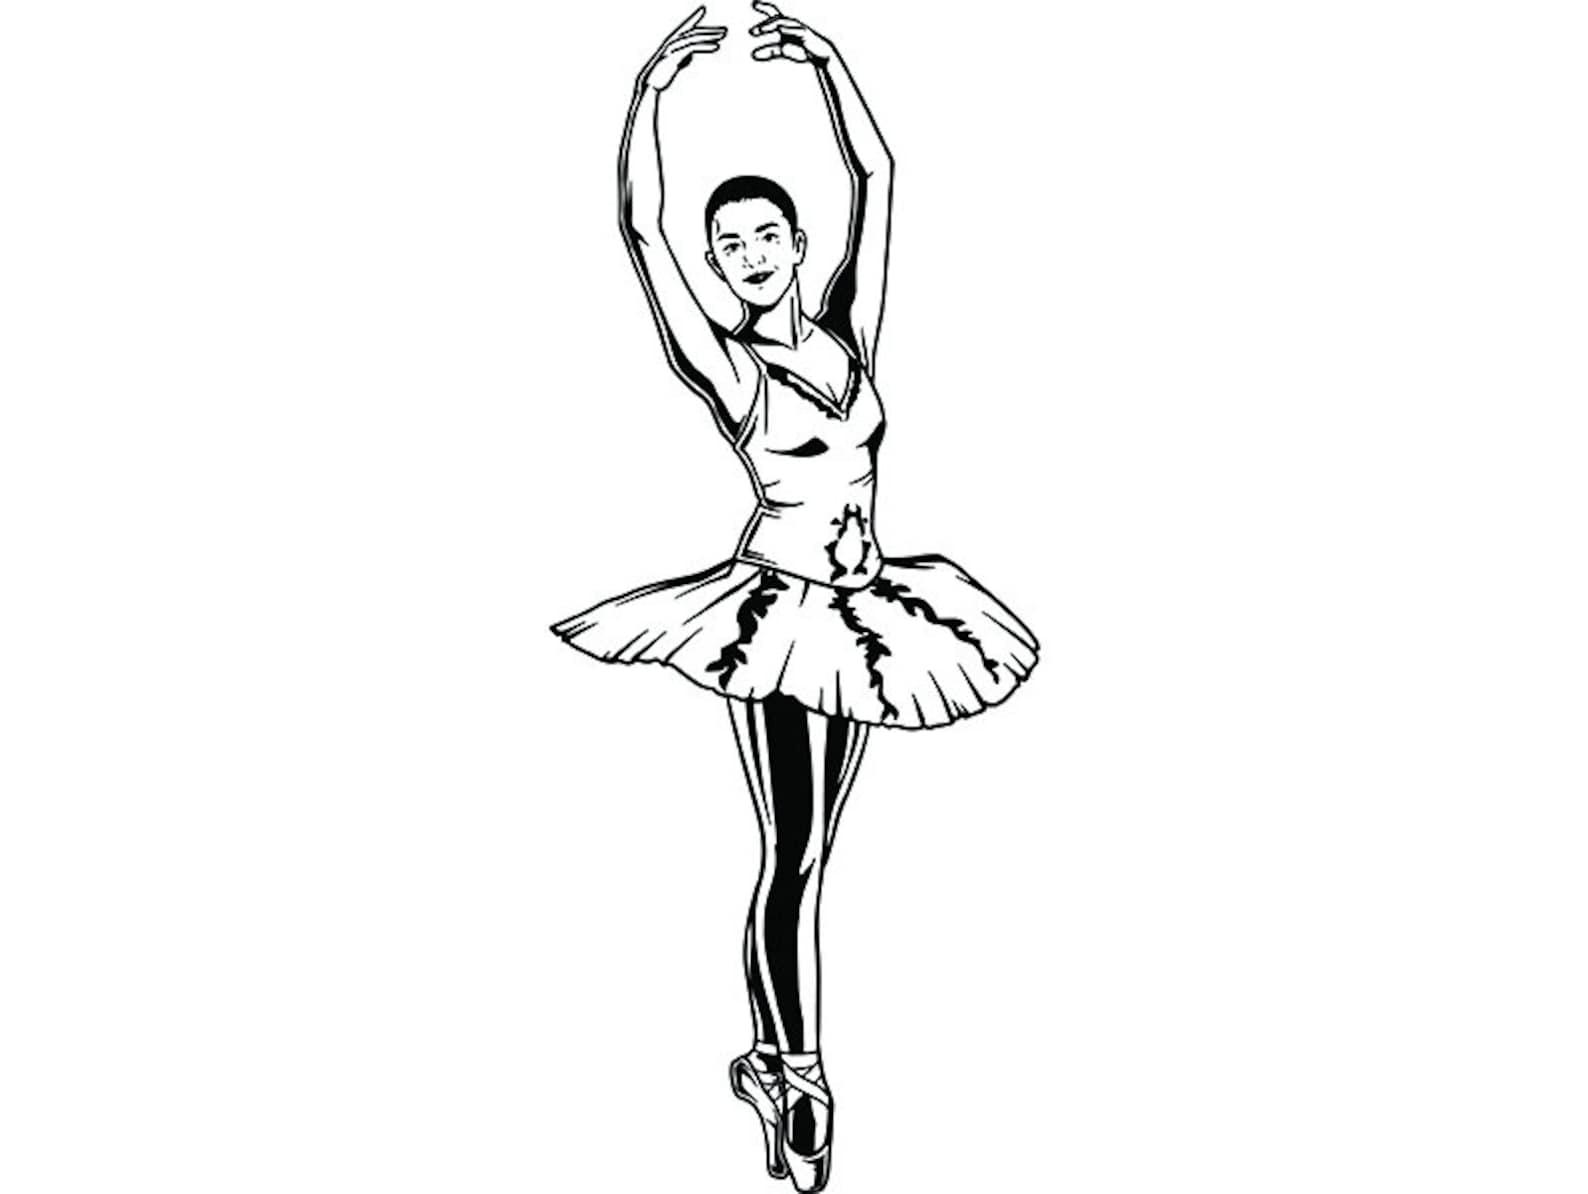 ballet dancer #1 ballerina music dance performance dancing dancer classical grace logo .svg .png clipart vector cricut cut cutti